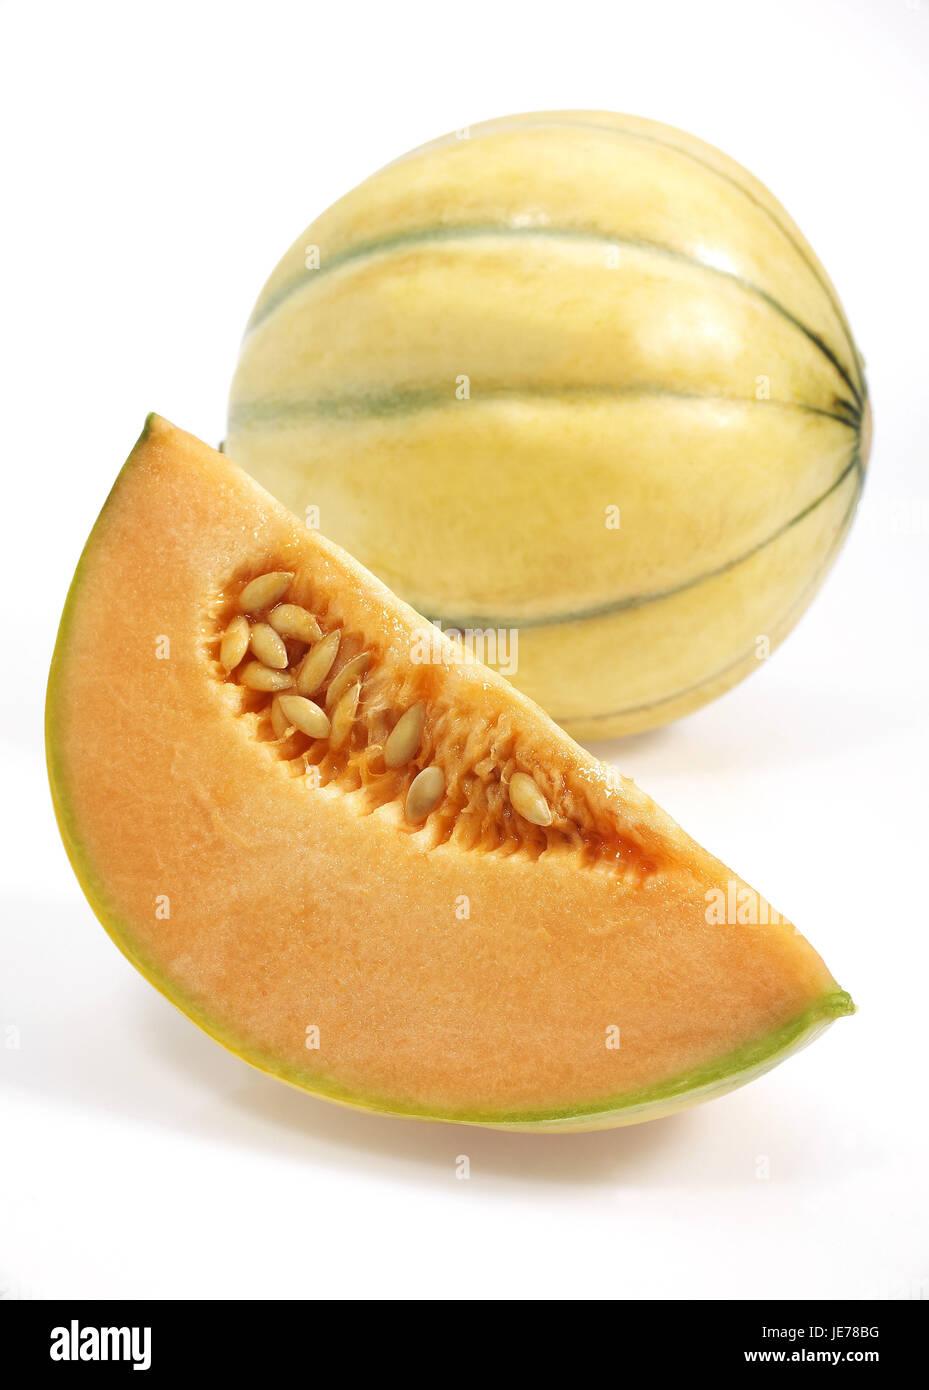 Le melon canari jaune, jaune aussi melon de miel, Amarillo, Amarillo Tendral, sucre melon, Cucumis Melo, fond blanc, Photo Stock